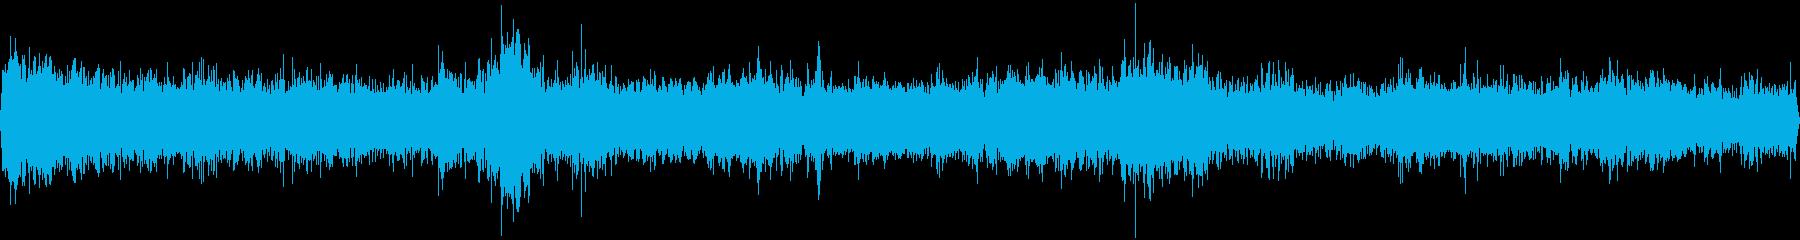 夜の繁華街(環境音)の再生済みの波形